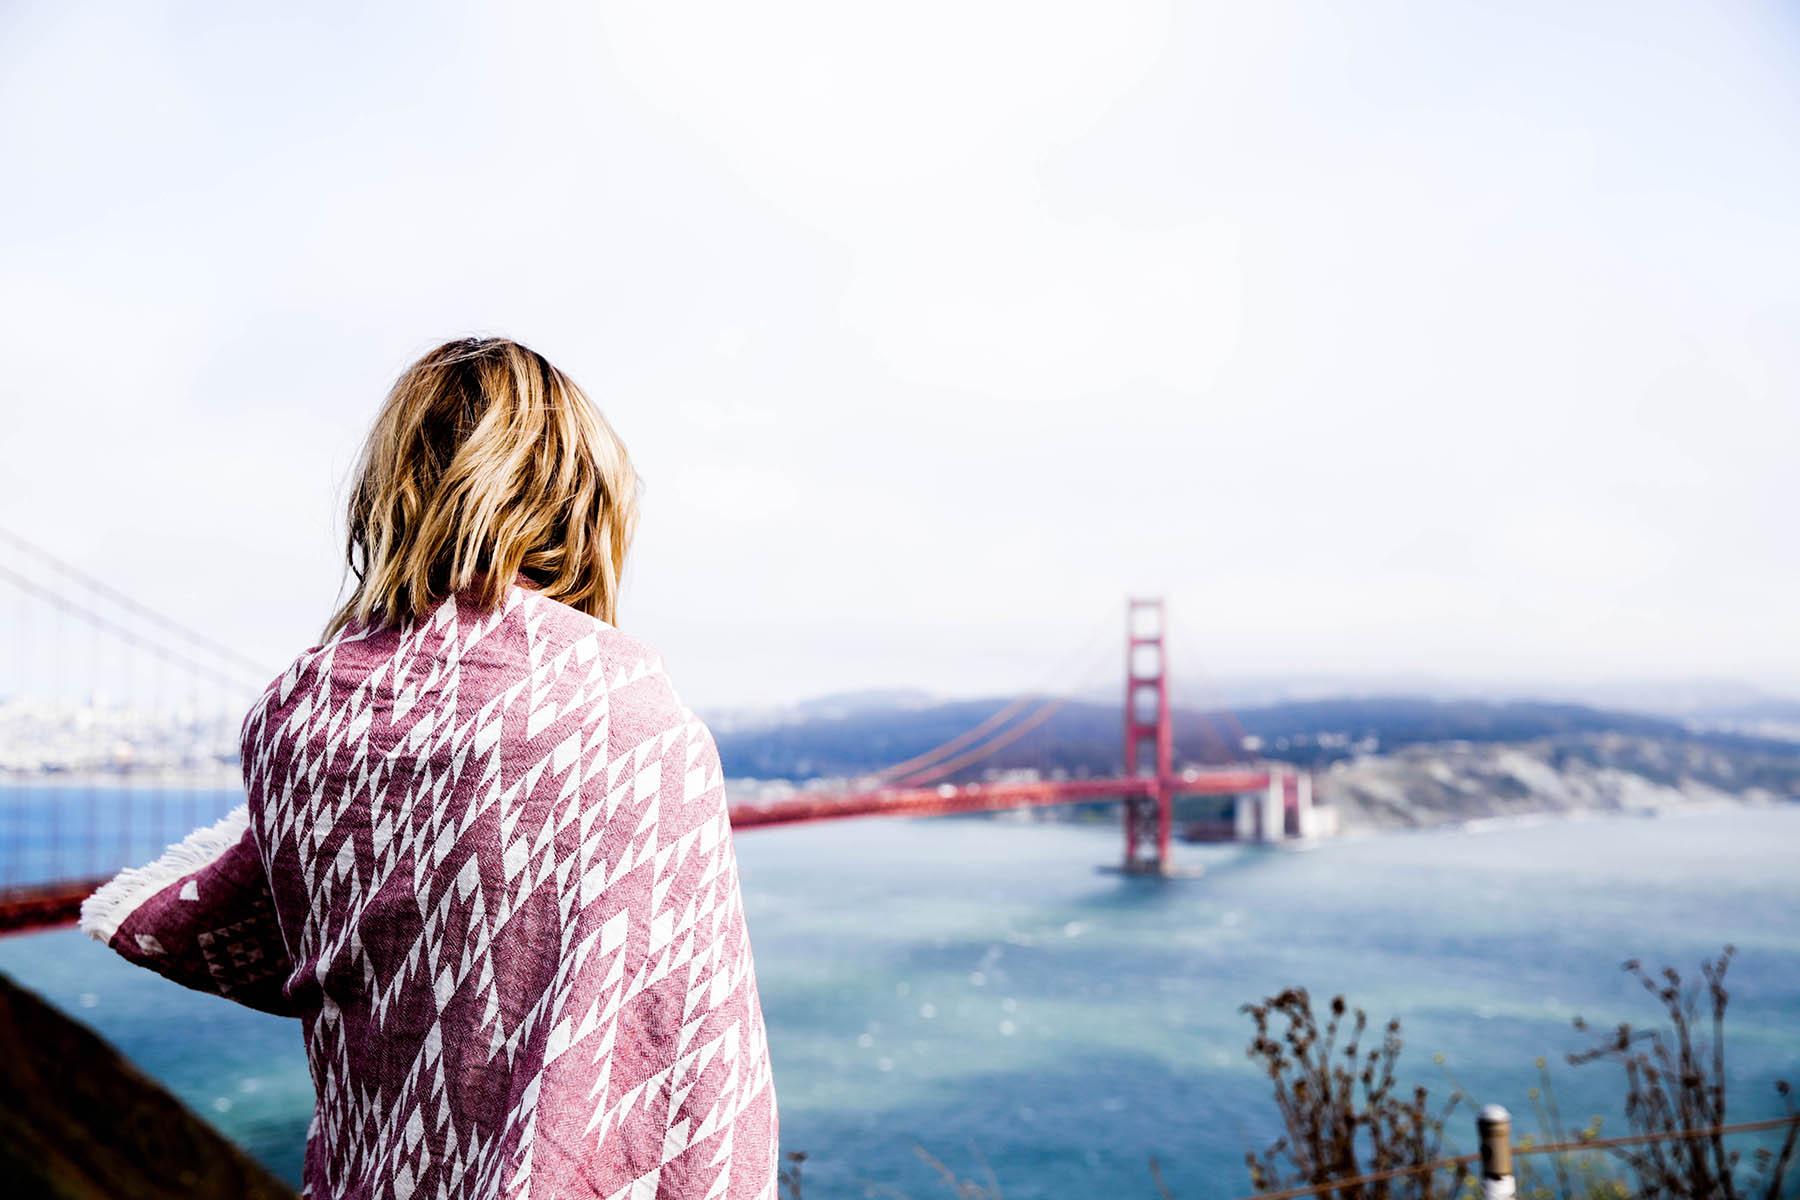 San Francisco Golden Gate Bridge, California roadtrip